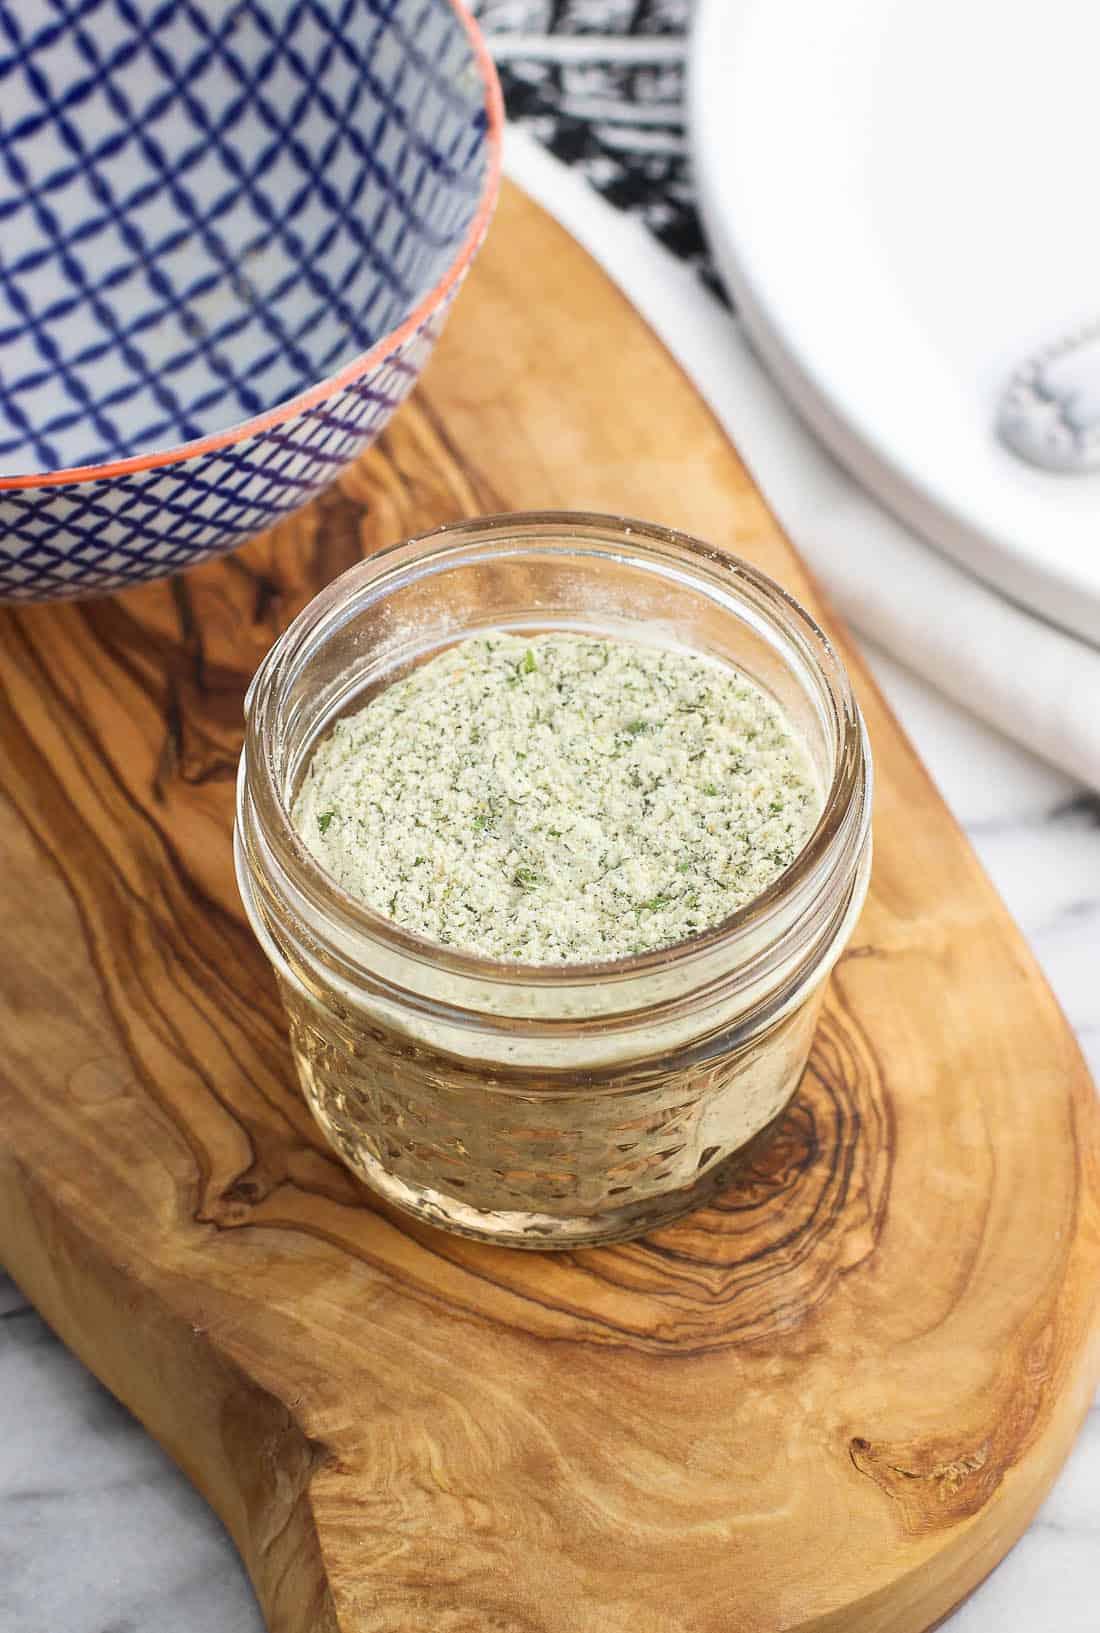 A small glass jar of mixed ranch seasoning.